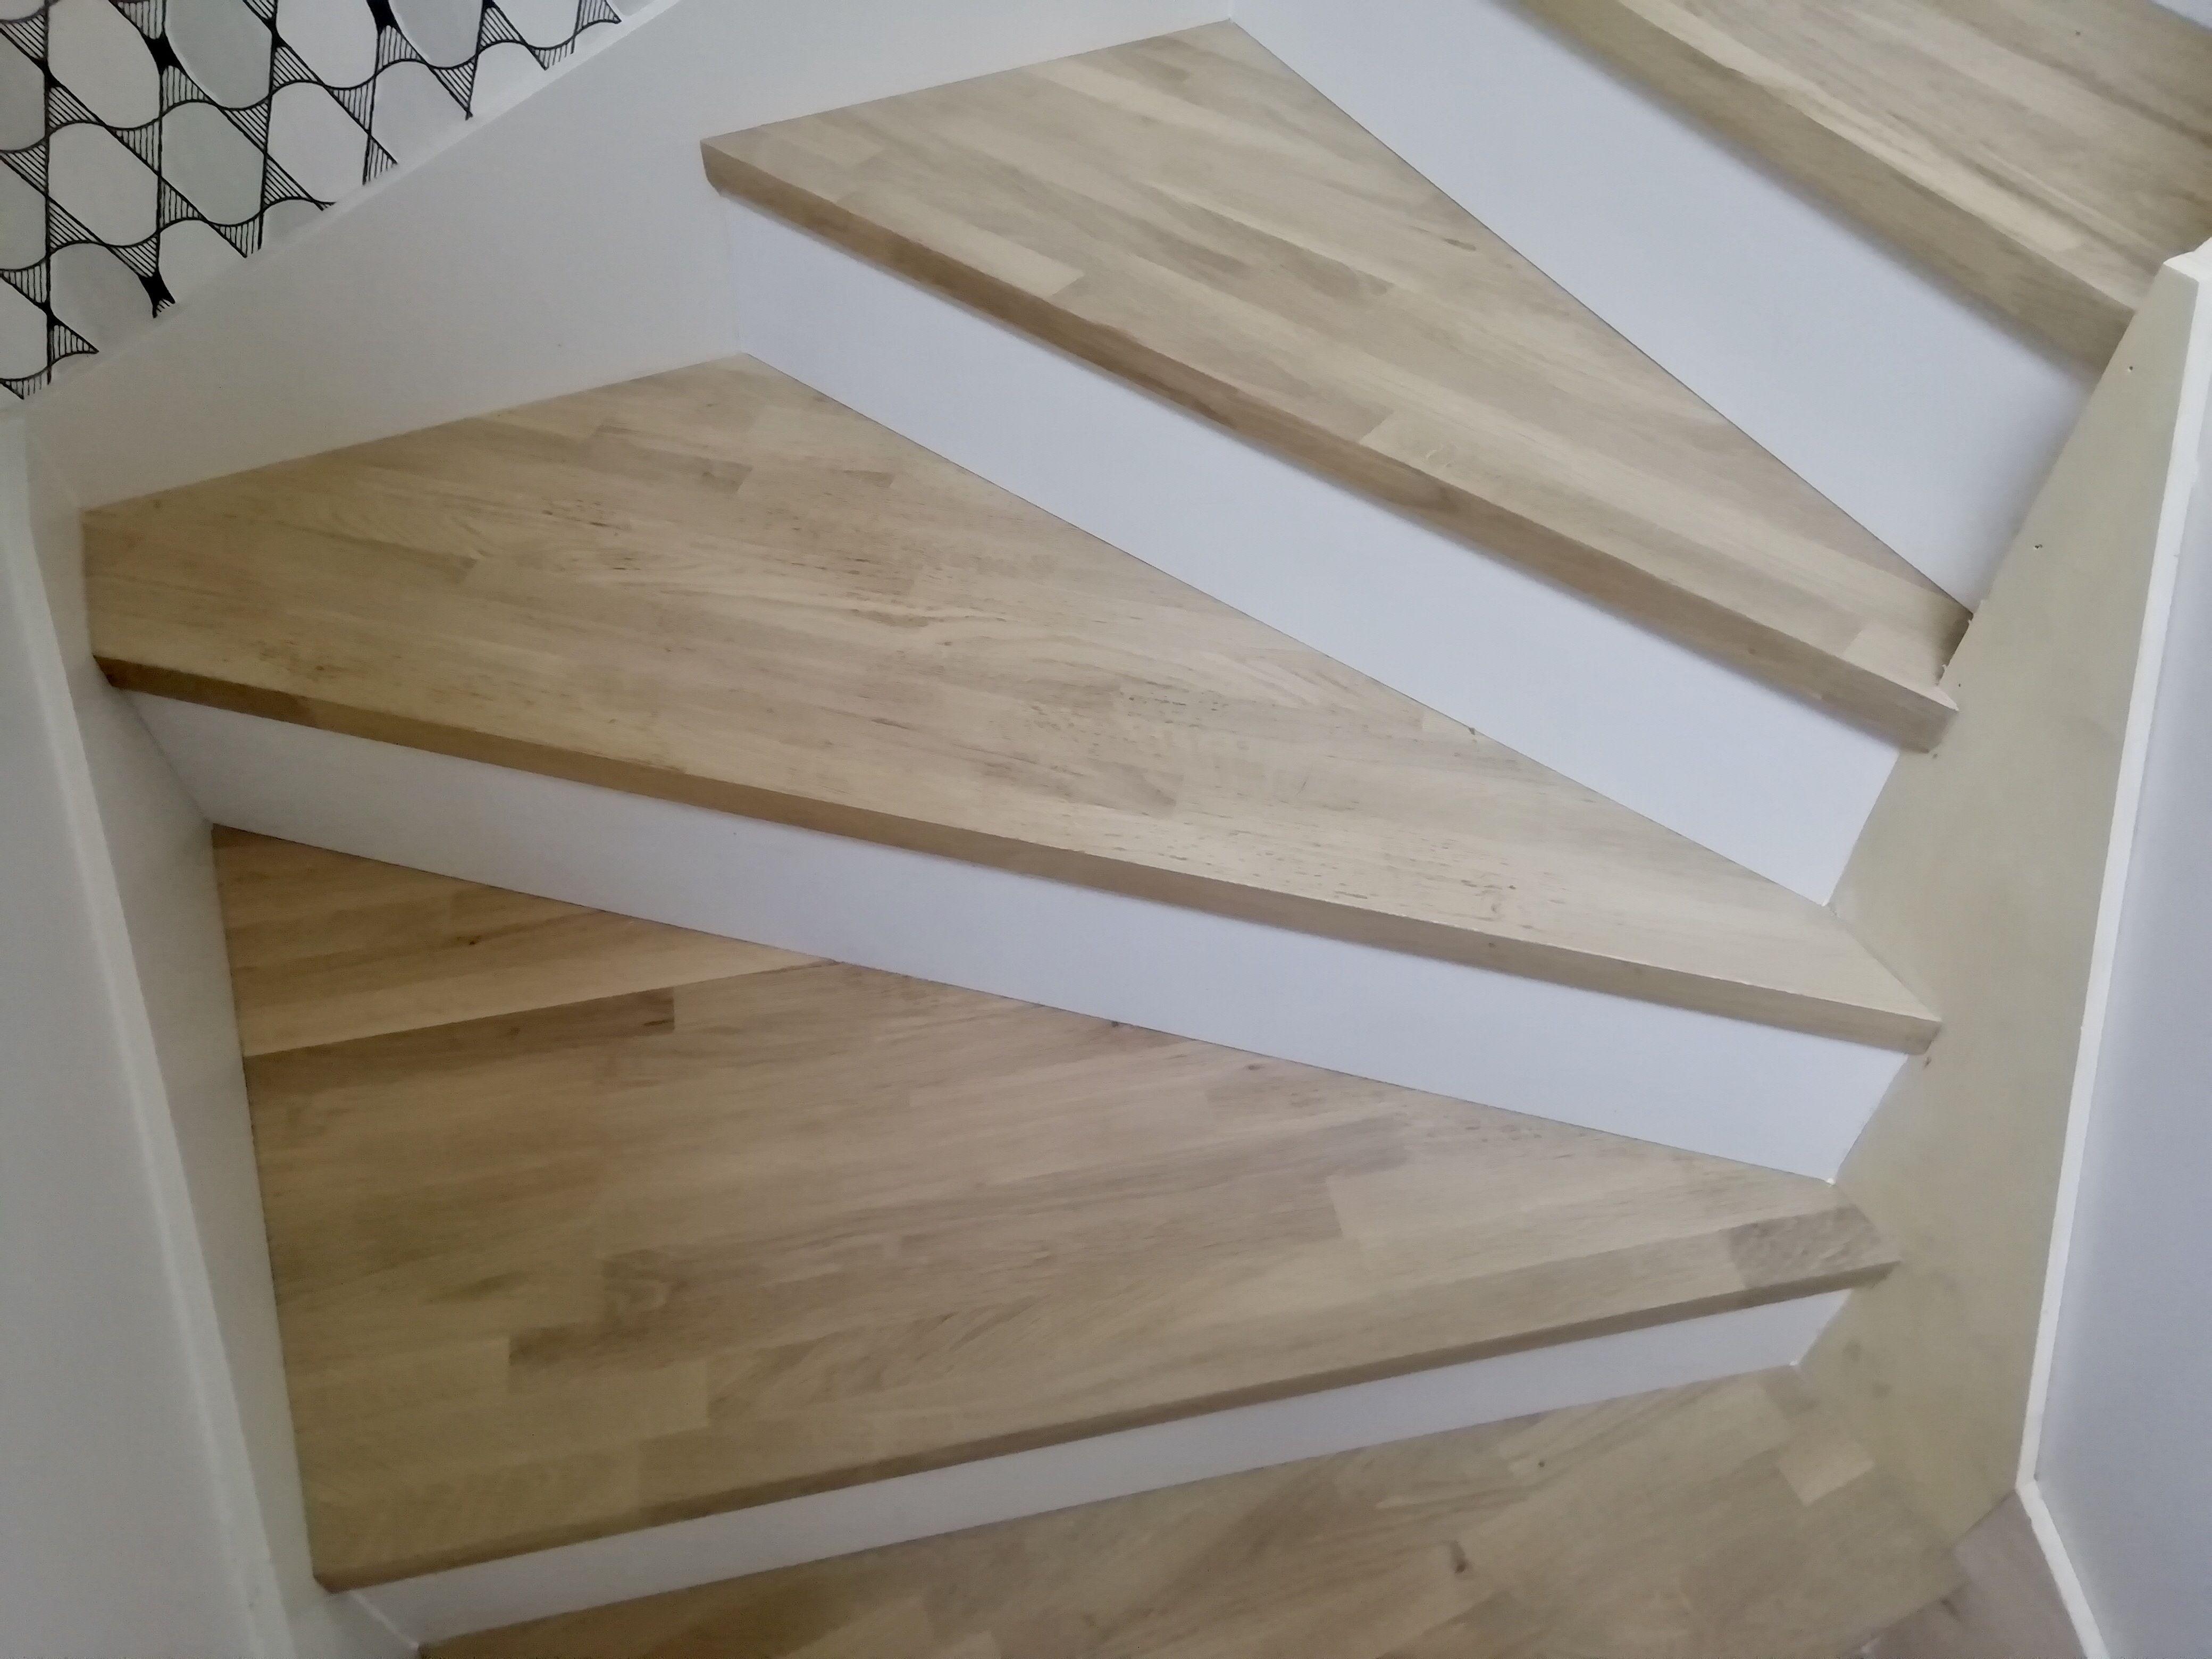 Habillage D Un Escalier Bois Avec Des Plateaux Massif Chene Lamelle Colle Recouvert D Un Fond Dur Plastor Effet Brut A B En 2020 Escalier Bois Bois Brut Bois Stratifie